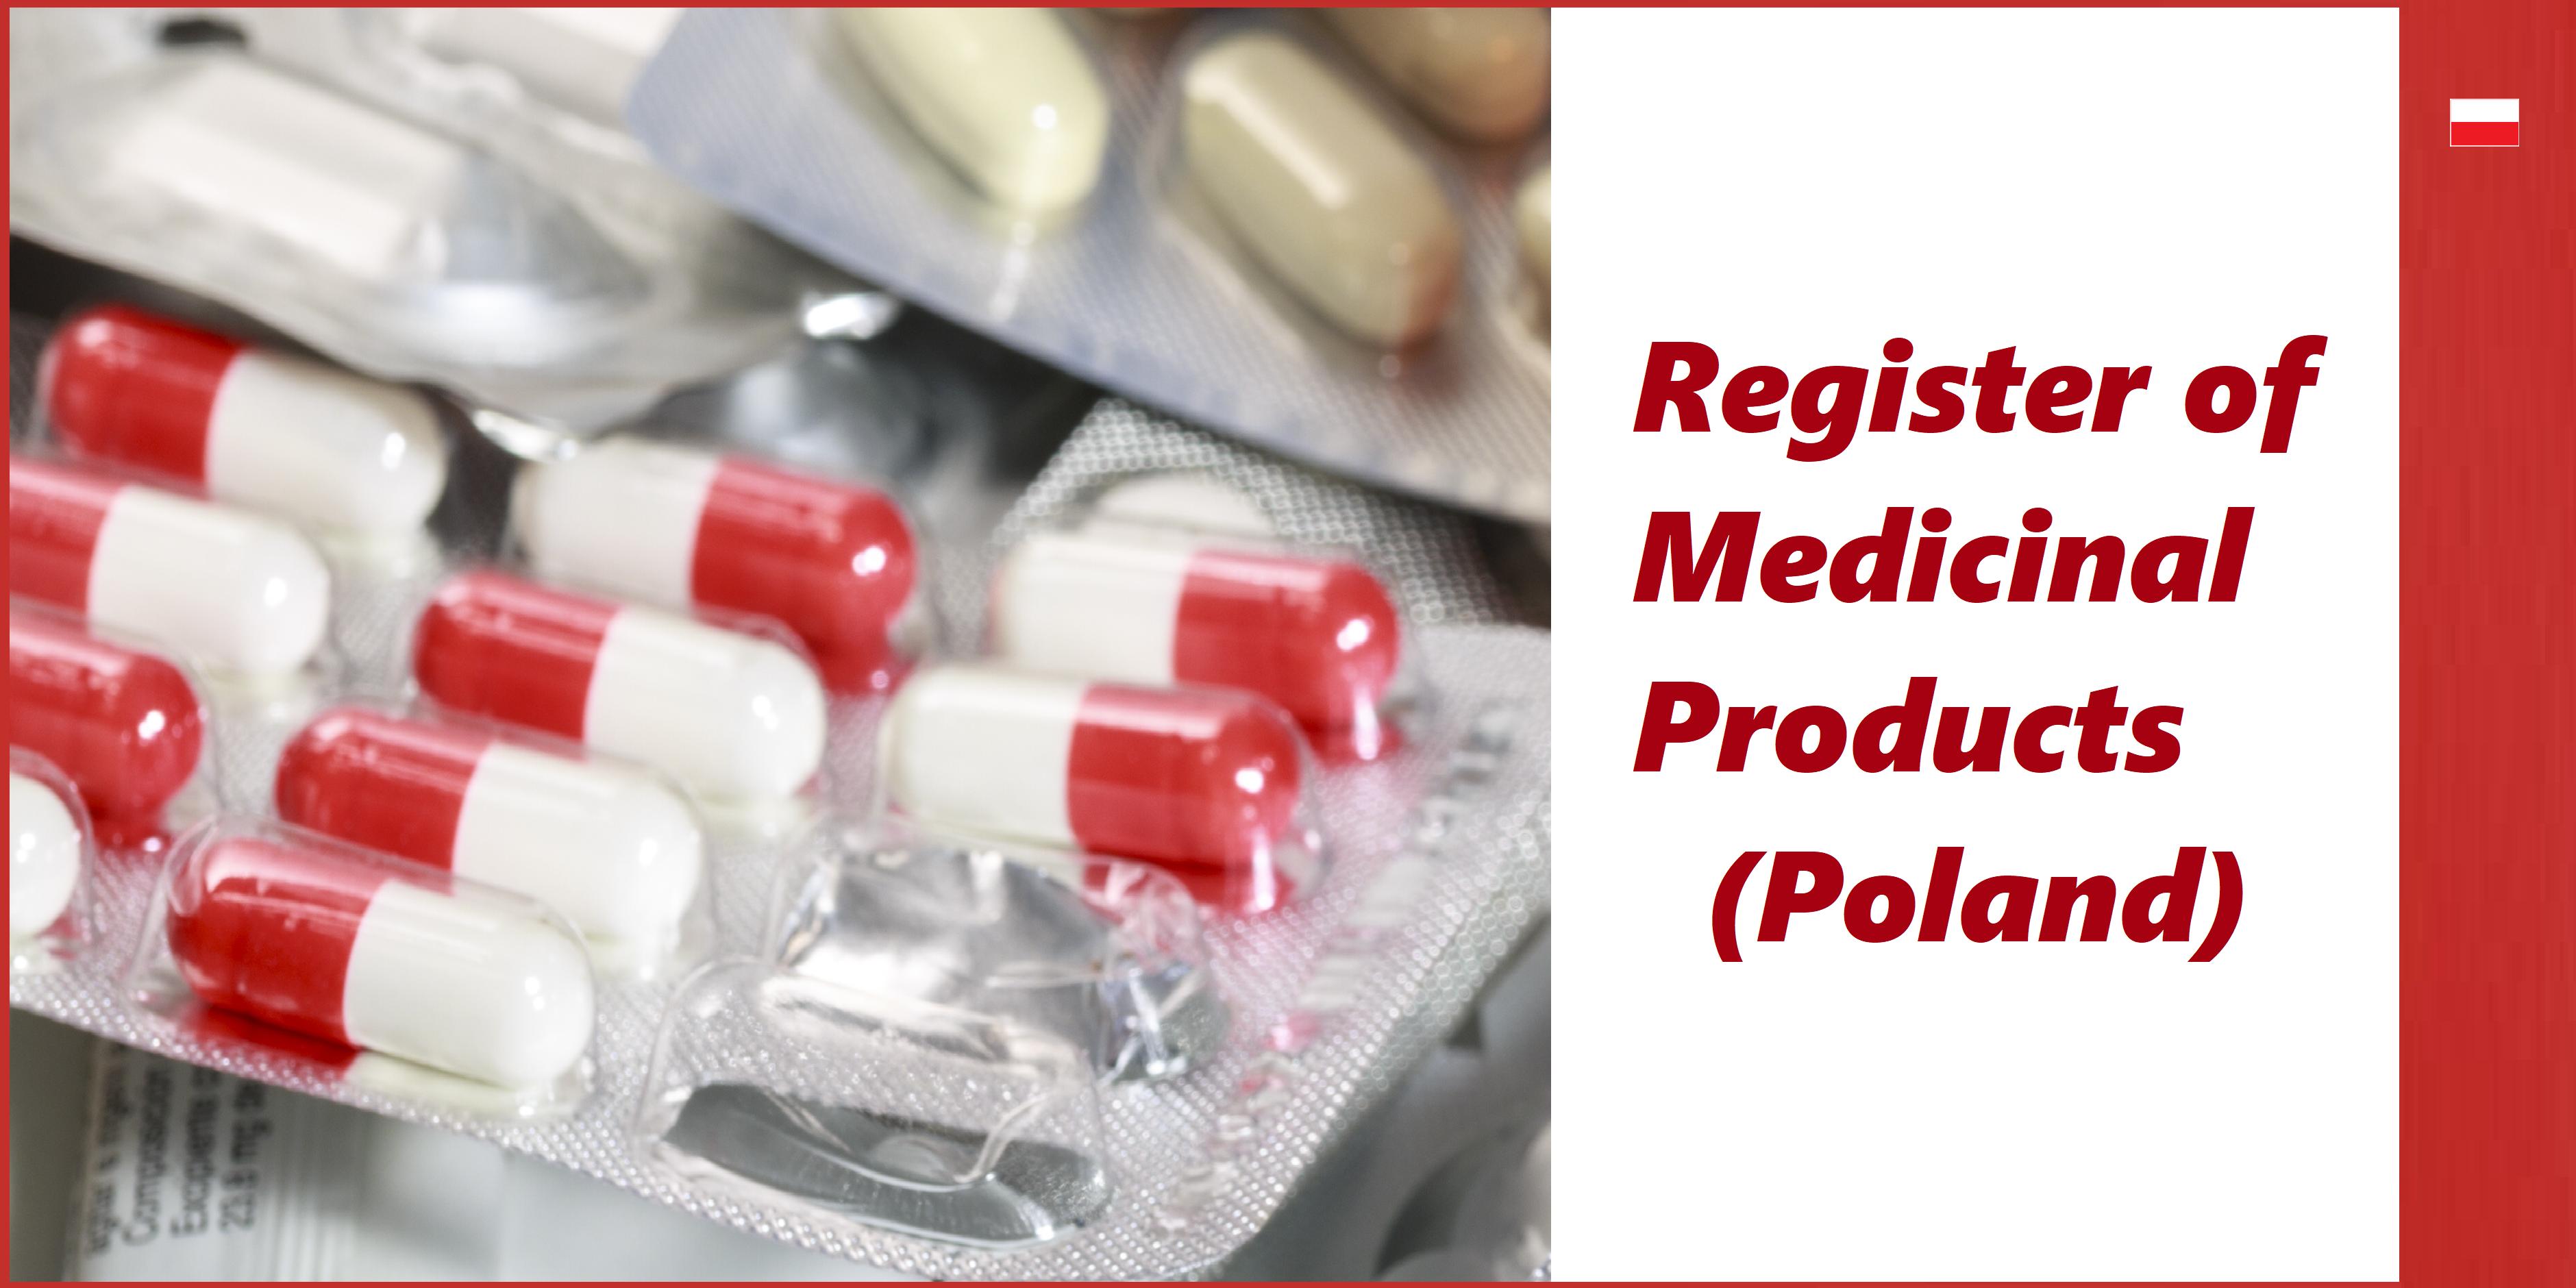 Rejestr produktów leczniczych RP